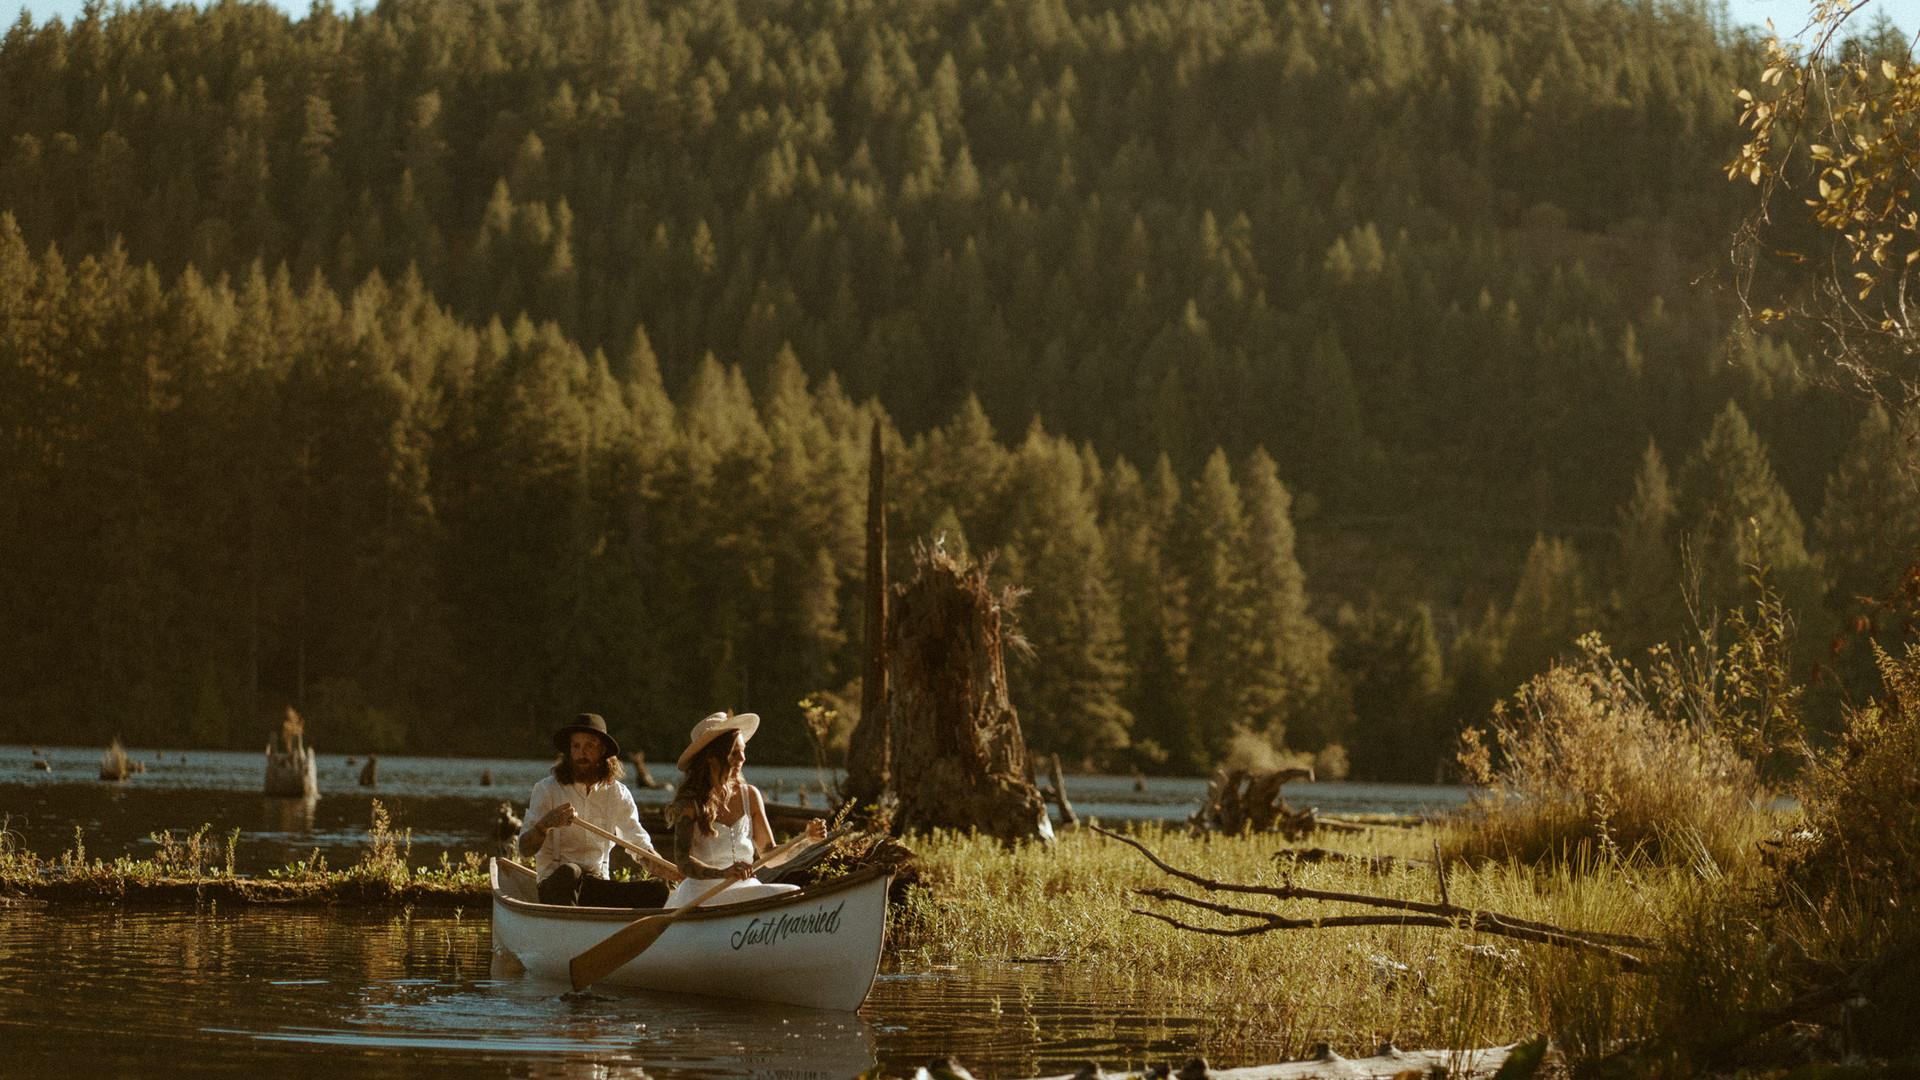 laceyjordan-nanaimo-canoeelopement.jpg